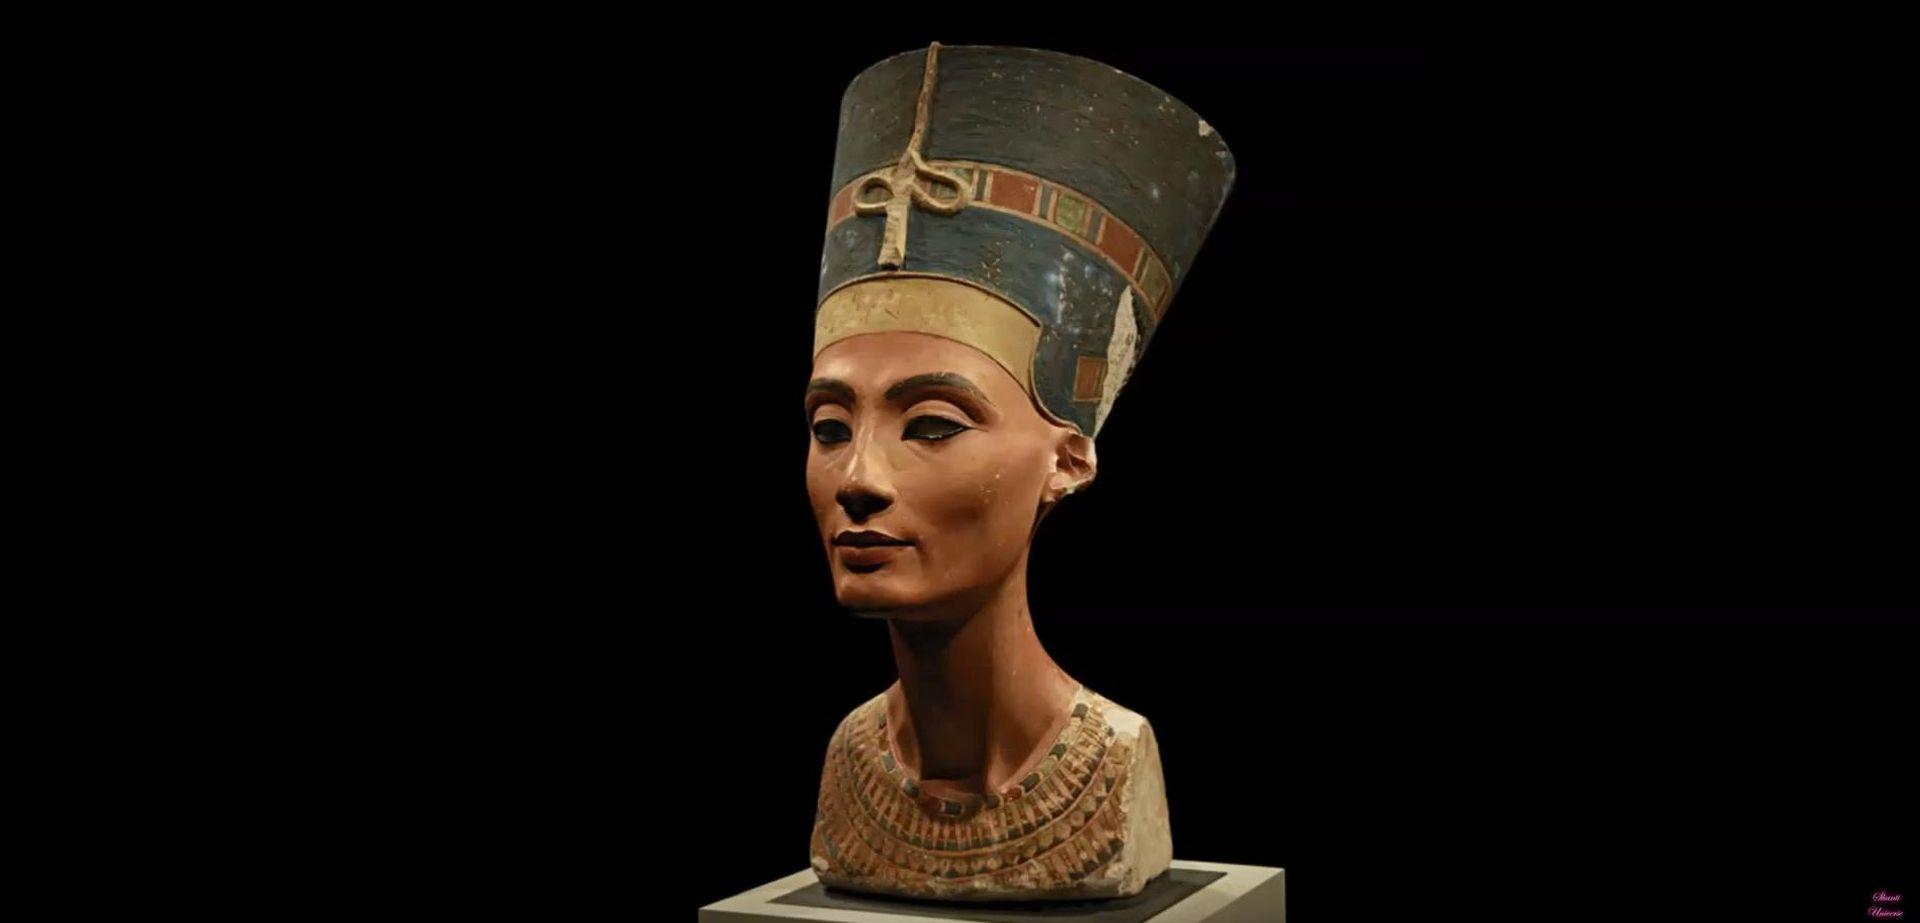 PRONAĐENI OSTACI NEFERTITI? Radar otkrio dvije skrivene sobe u grobnici Tutankamona